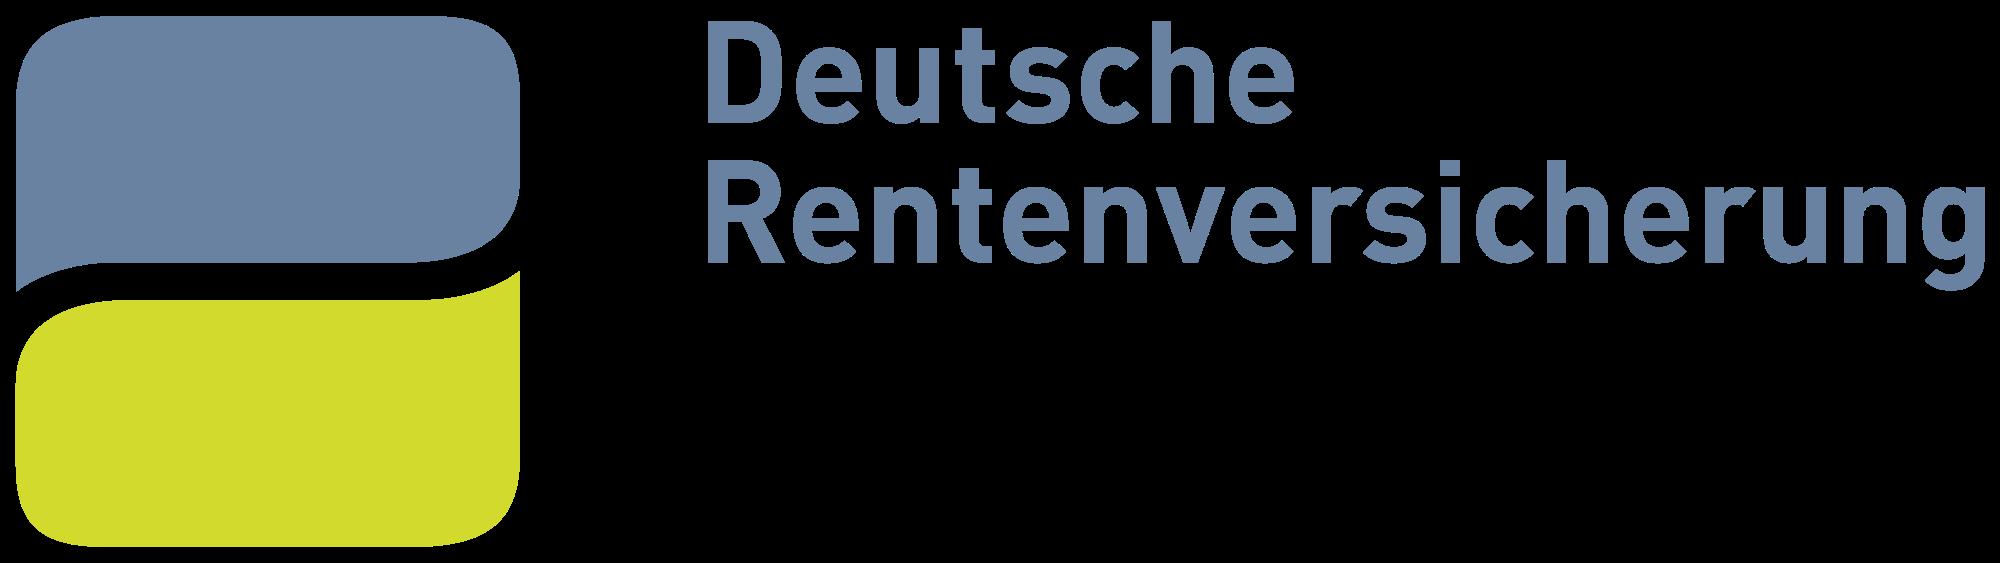 Webspot | Deutsche Rentenversicherung